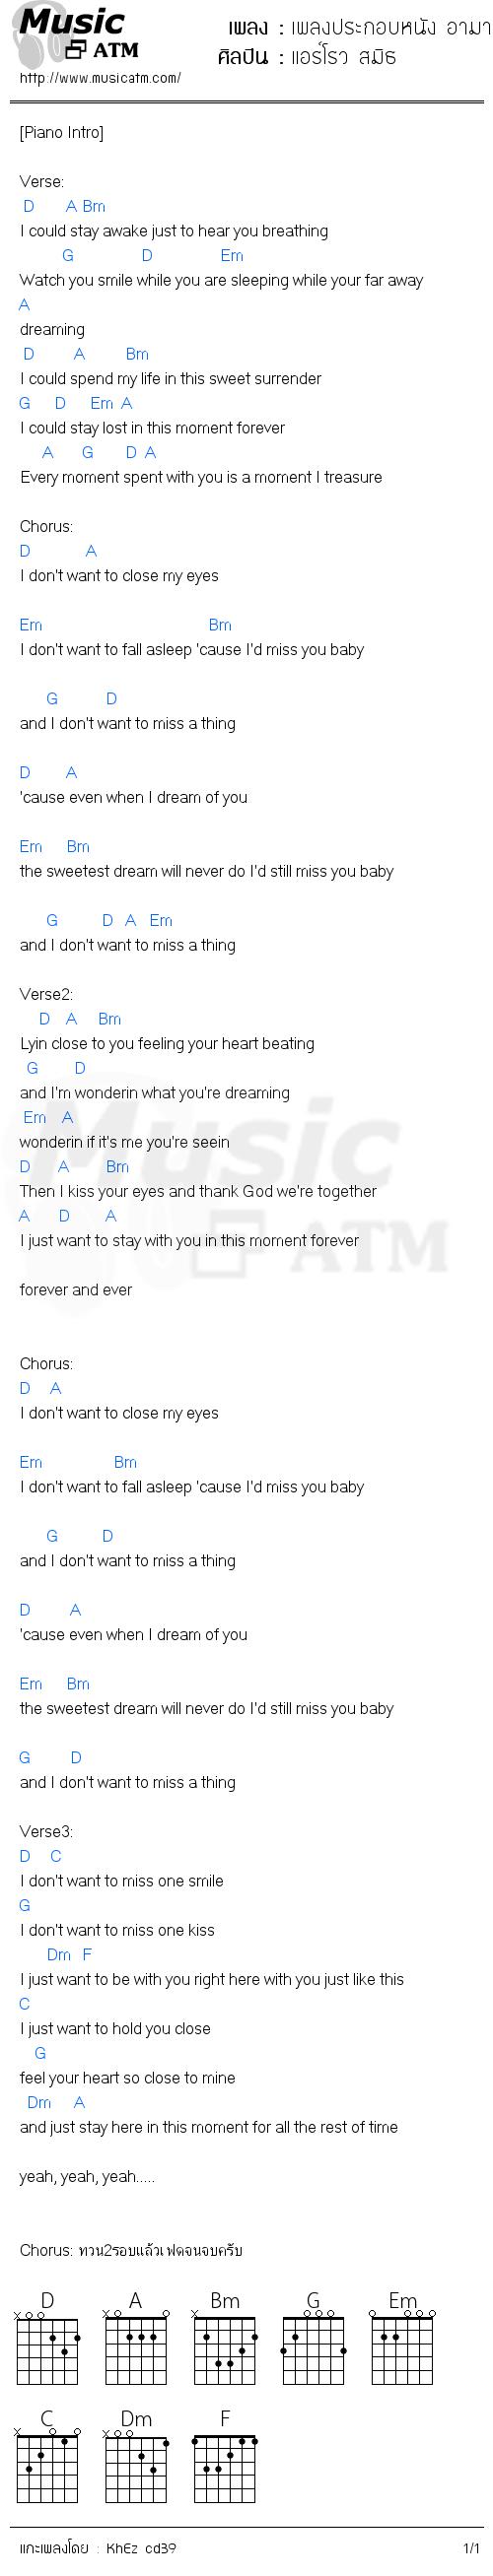 คอร์ดเพลง เพลงประกอบหนัง อามาเกดดอน - แอร์โรว สมิธ | คอร์ดเพลงใหม่